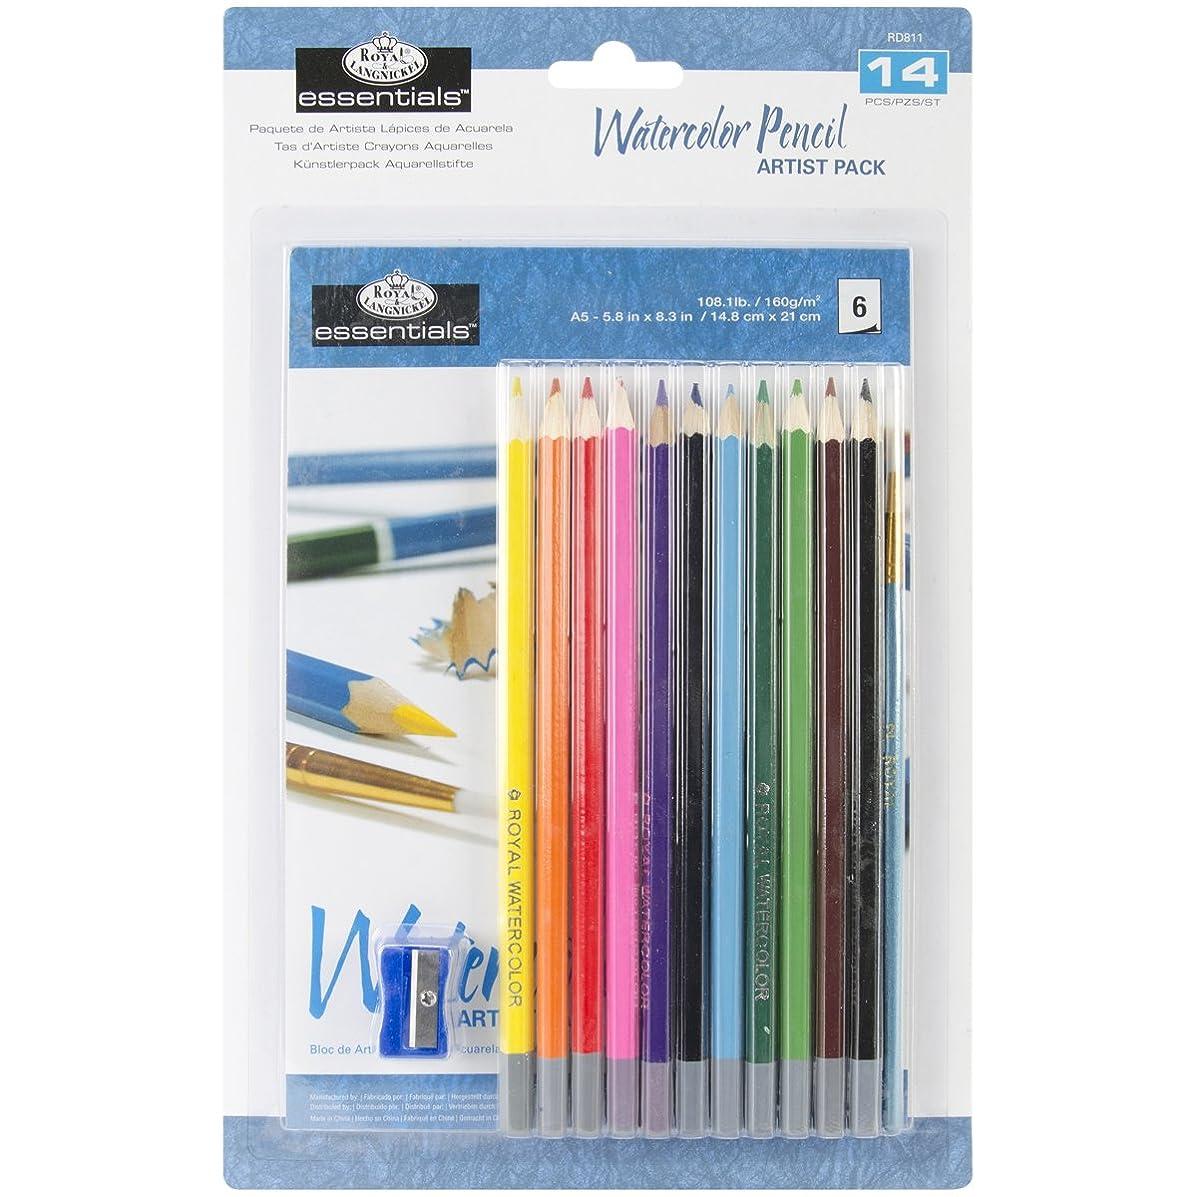 Royal & Langnickel Essentials Watercolor Pencil Set